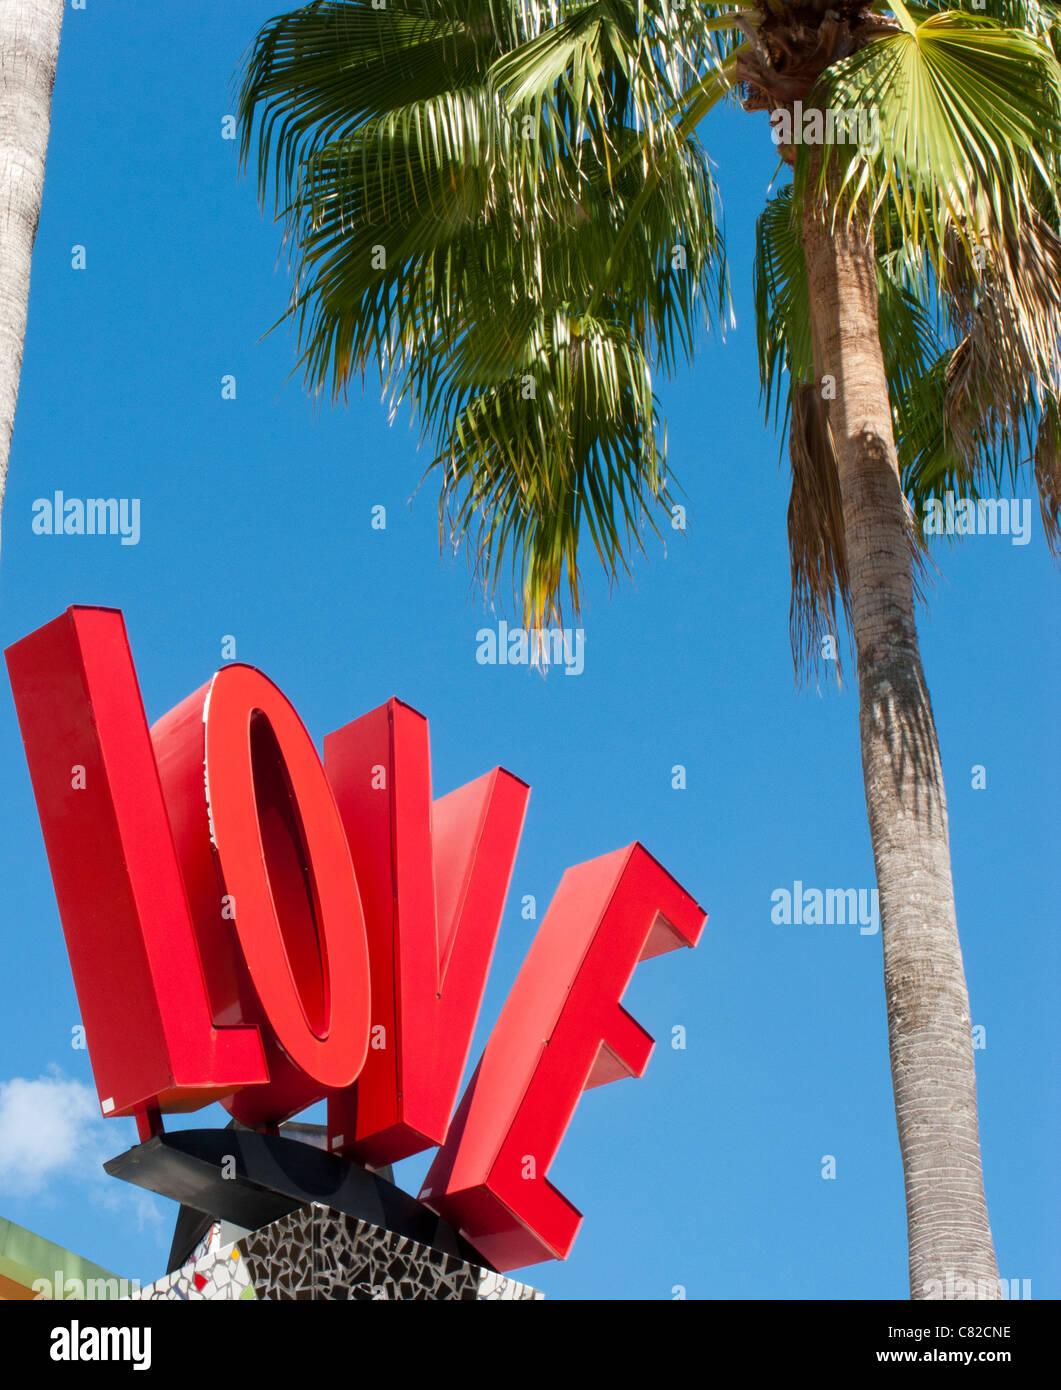 Signo de amor y de palmera en DOWNTOWN DISNEY Orlando Florida Imagen De Stock